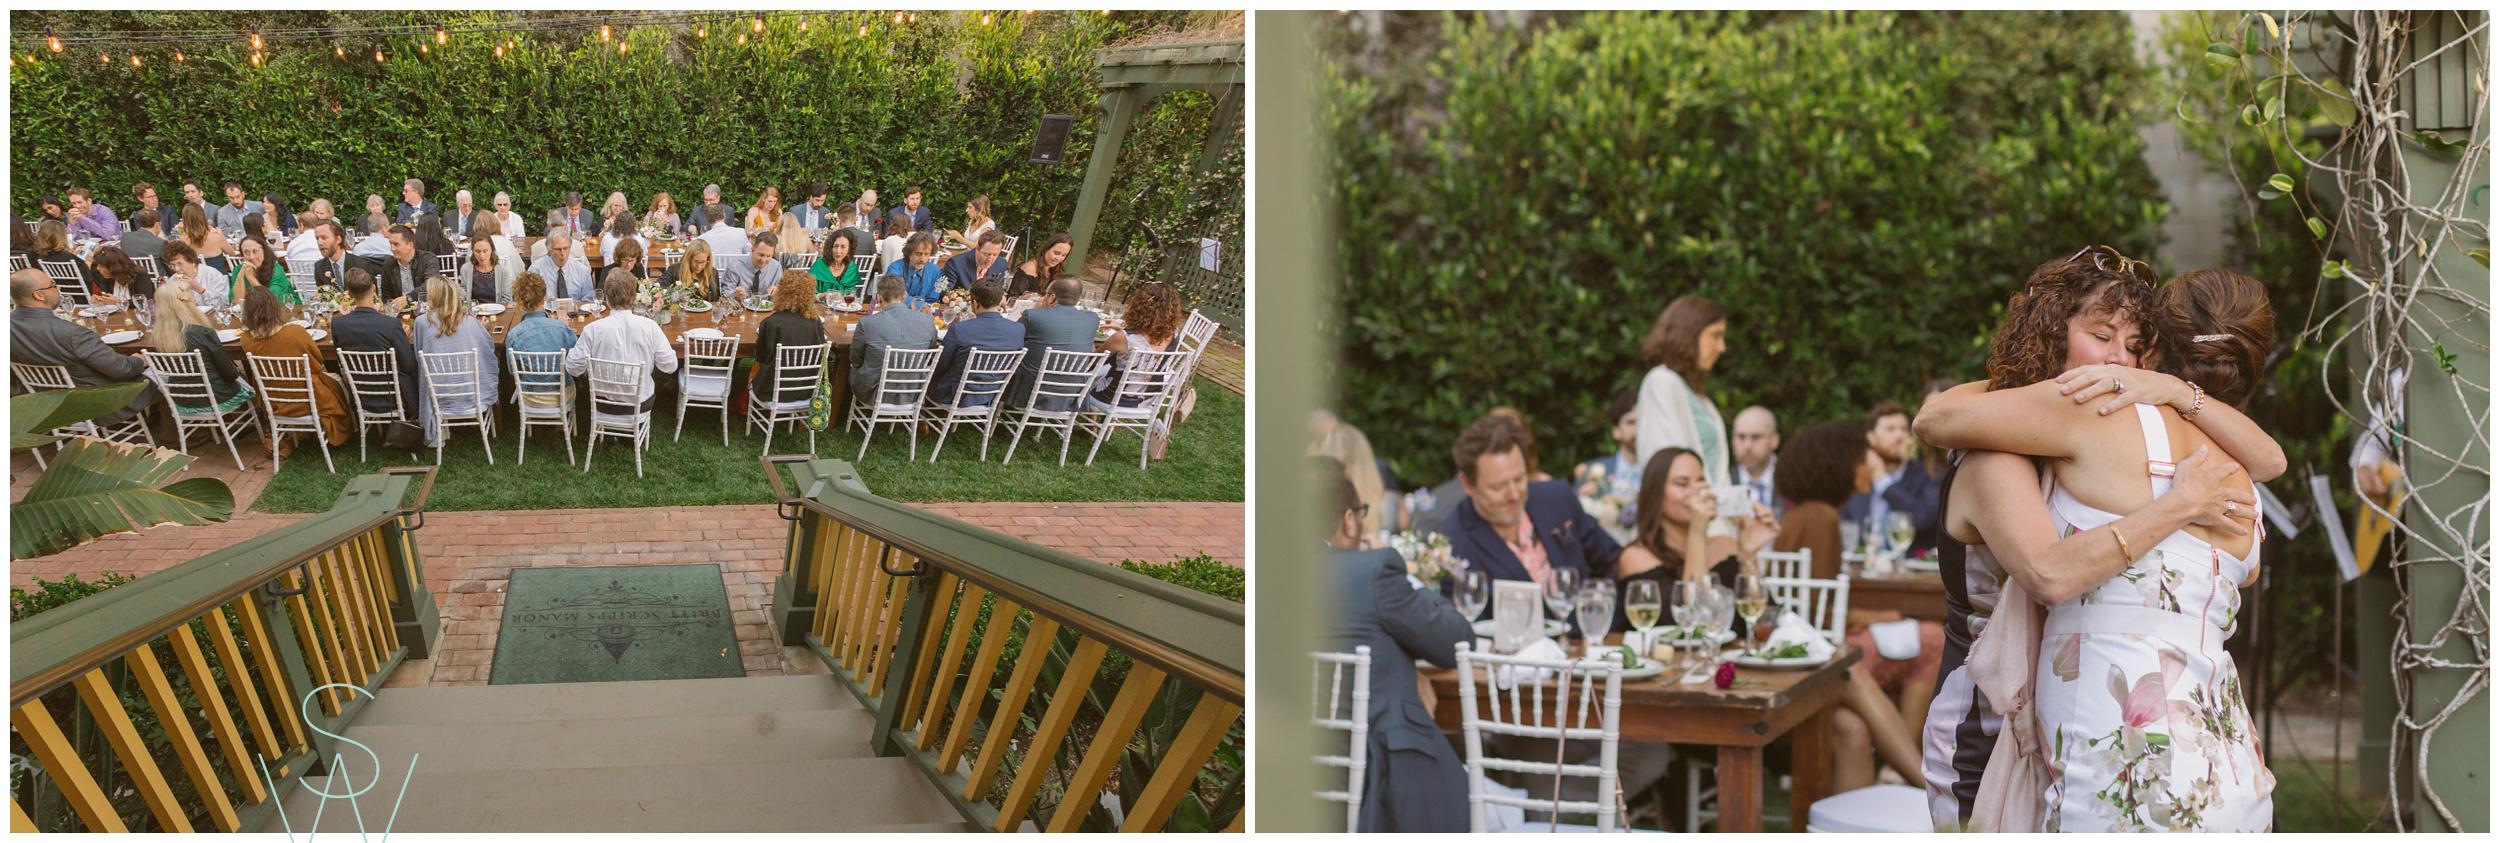 shewanders.san.diego.wedding.britt.scripps.inn-192.jpg